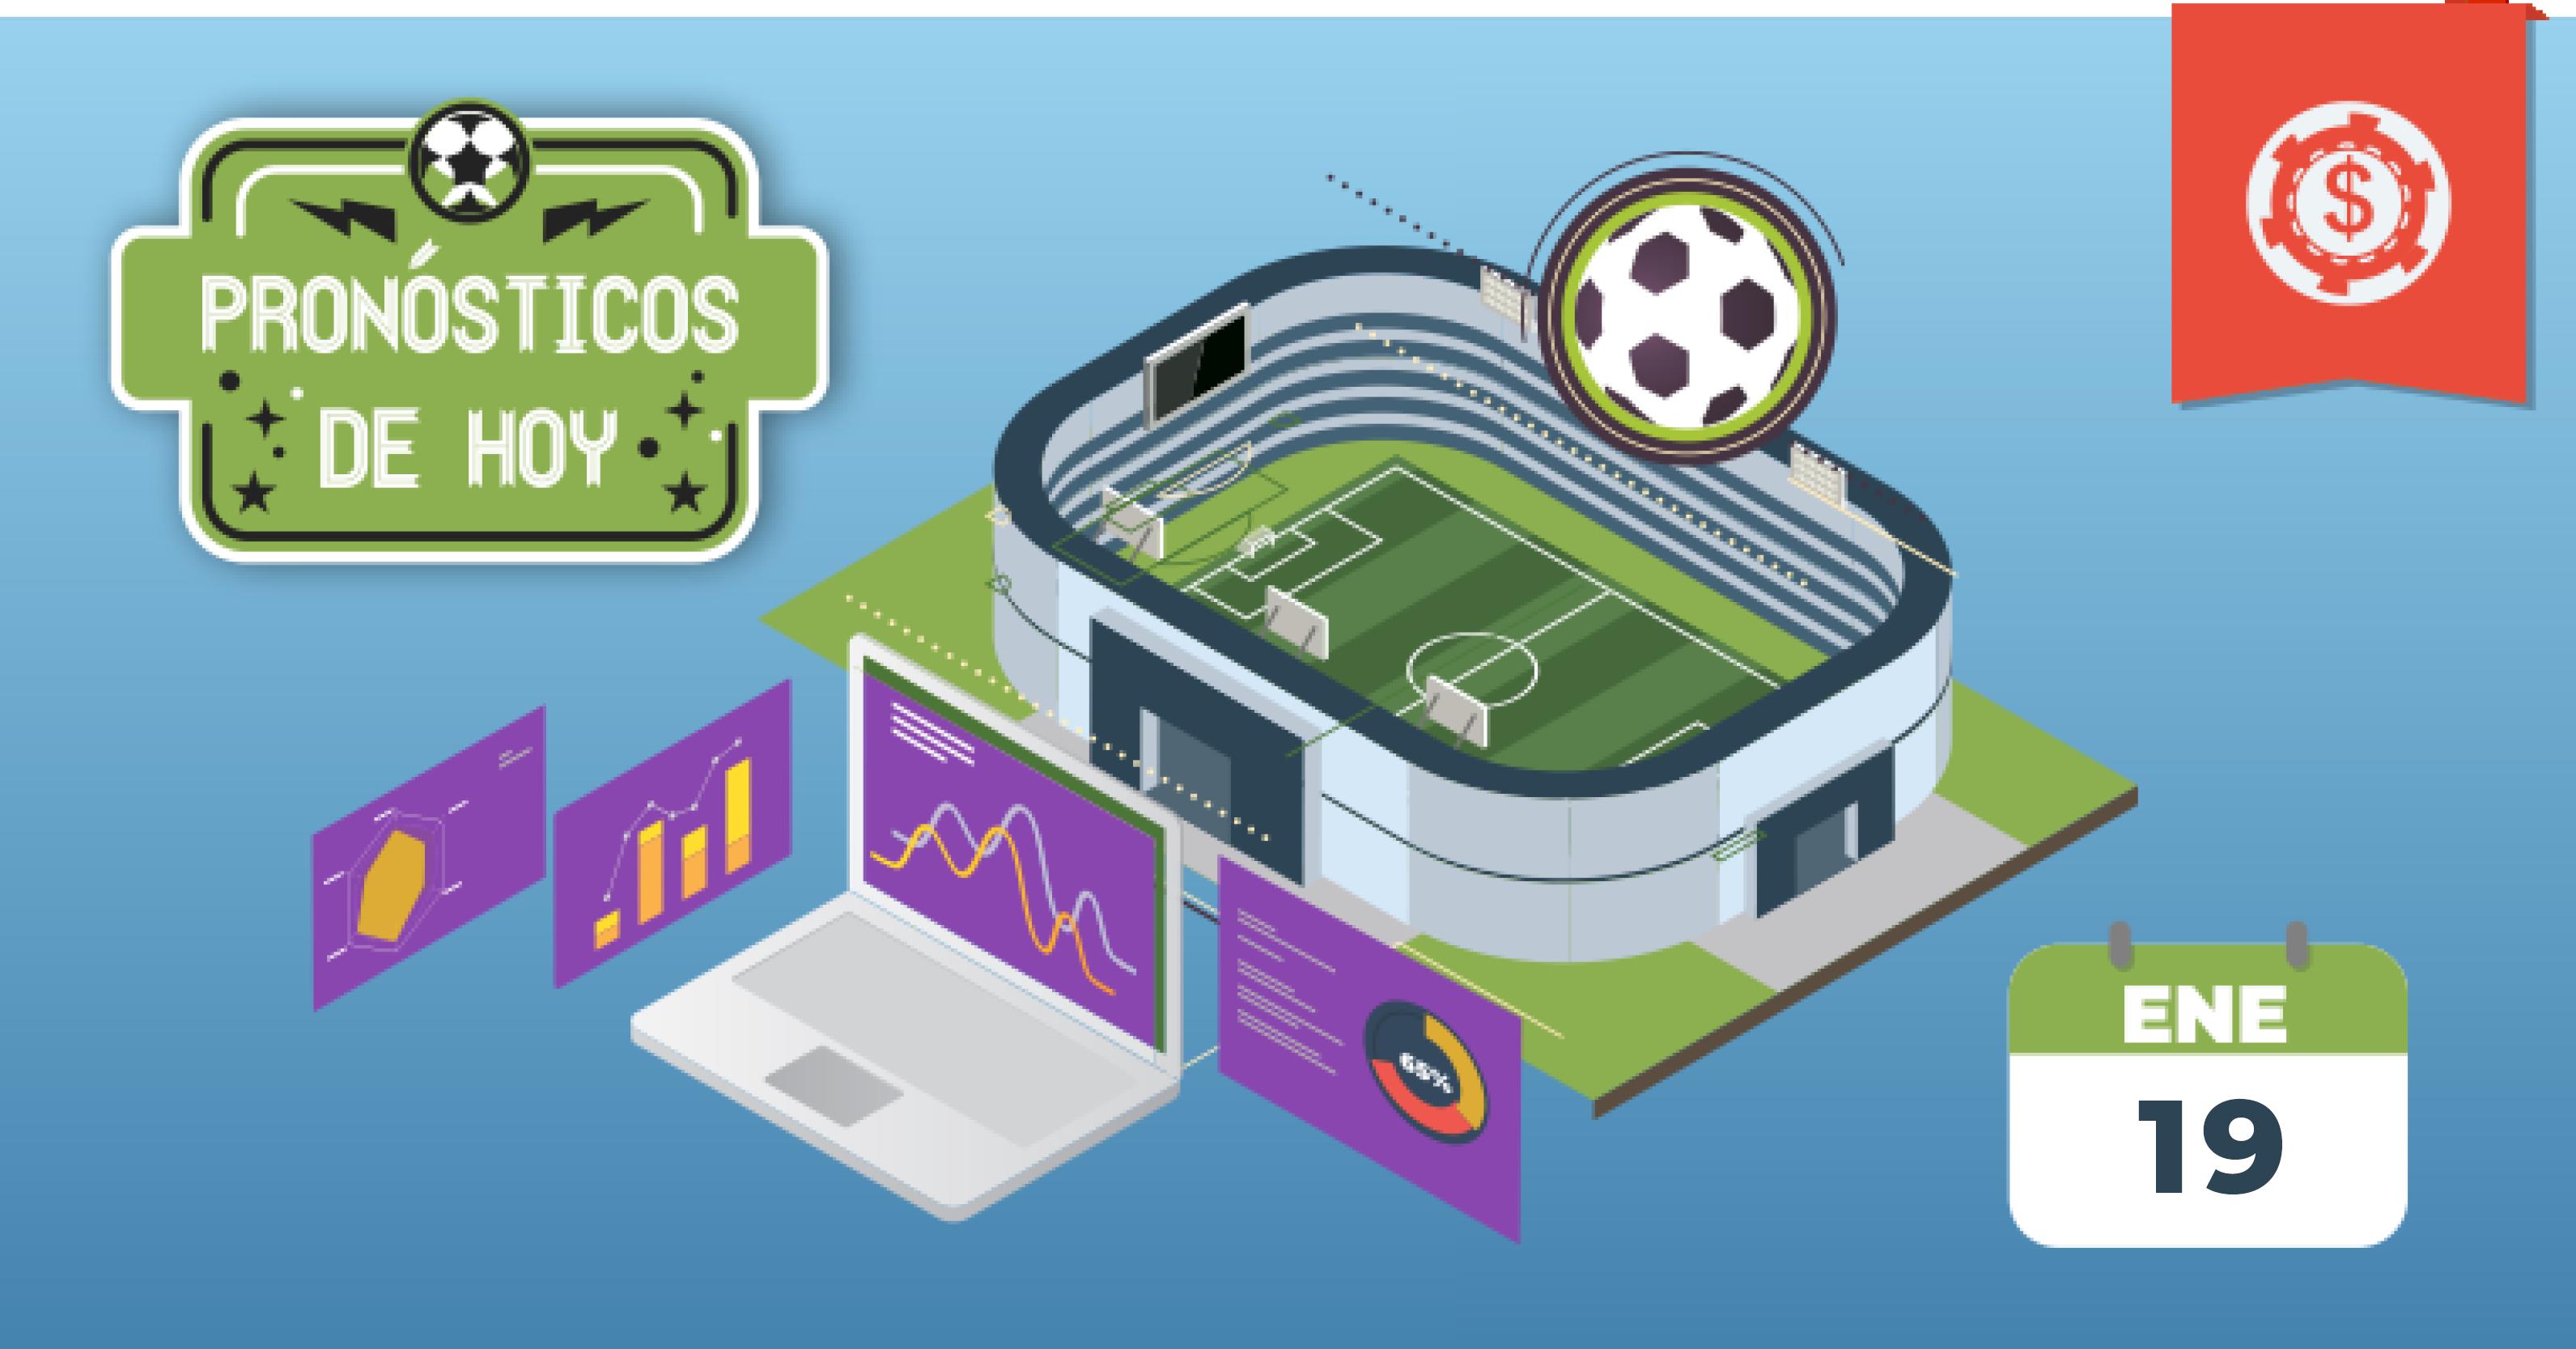 pronosticos-futbol-hoy-predicciones-19-enero-2020